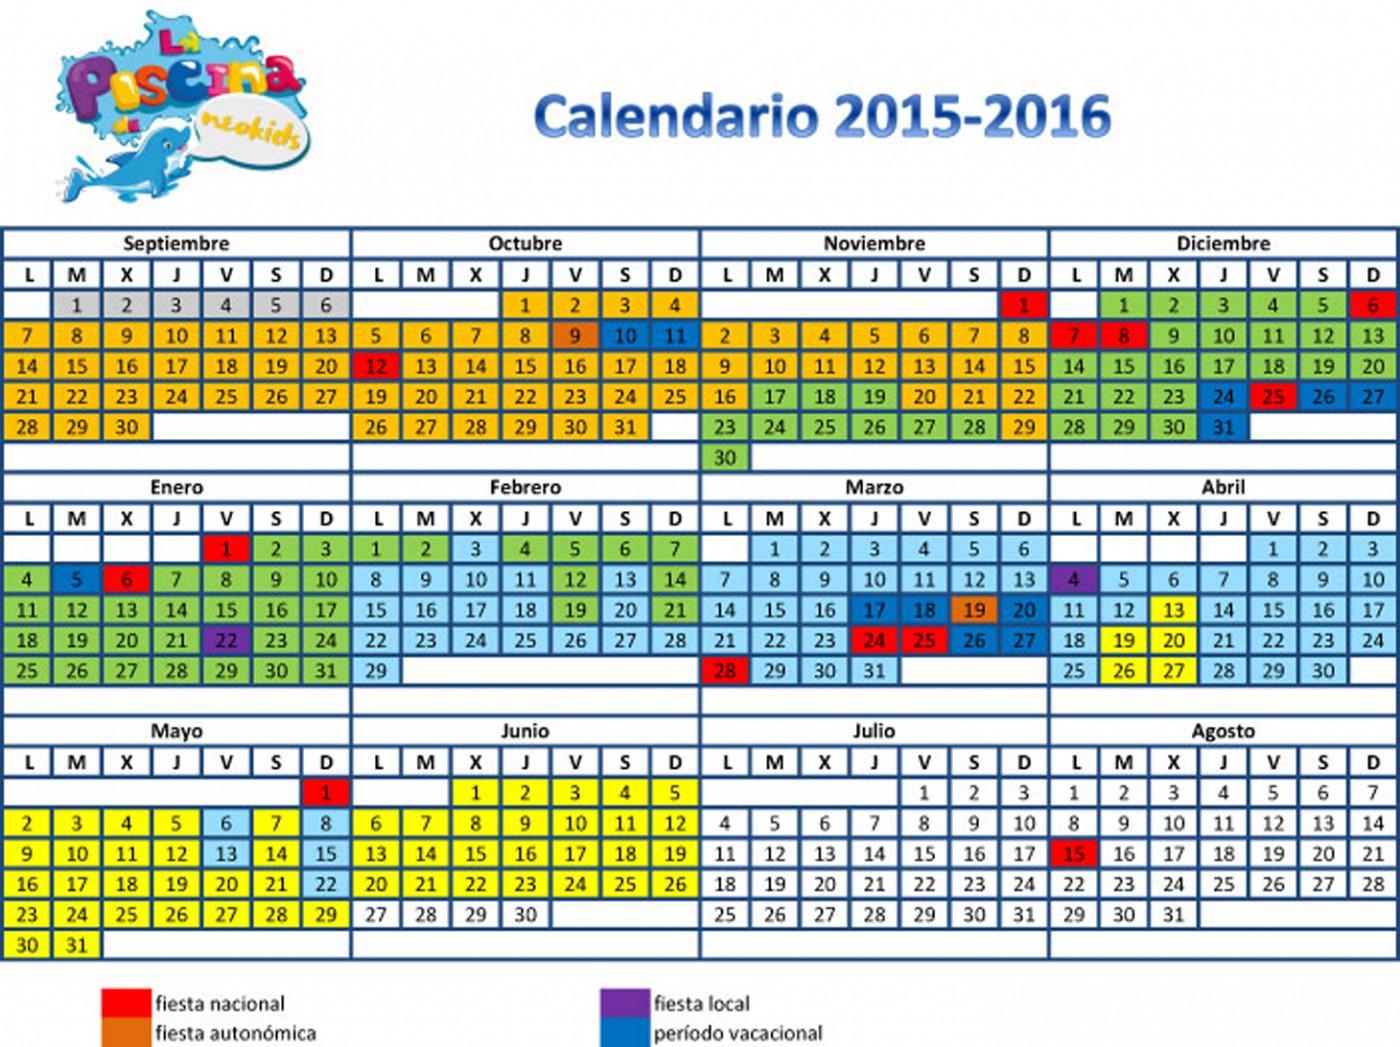 CALENDARIO-2015-16 1